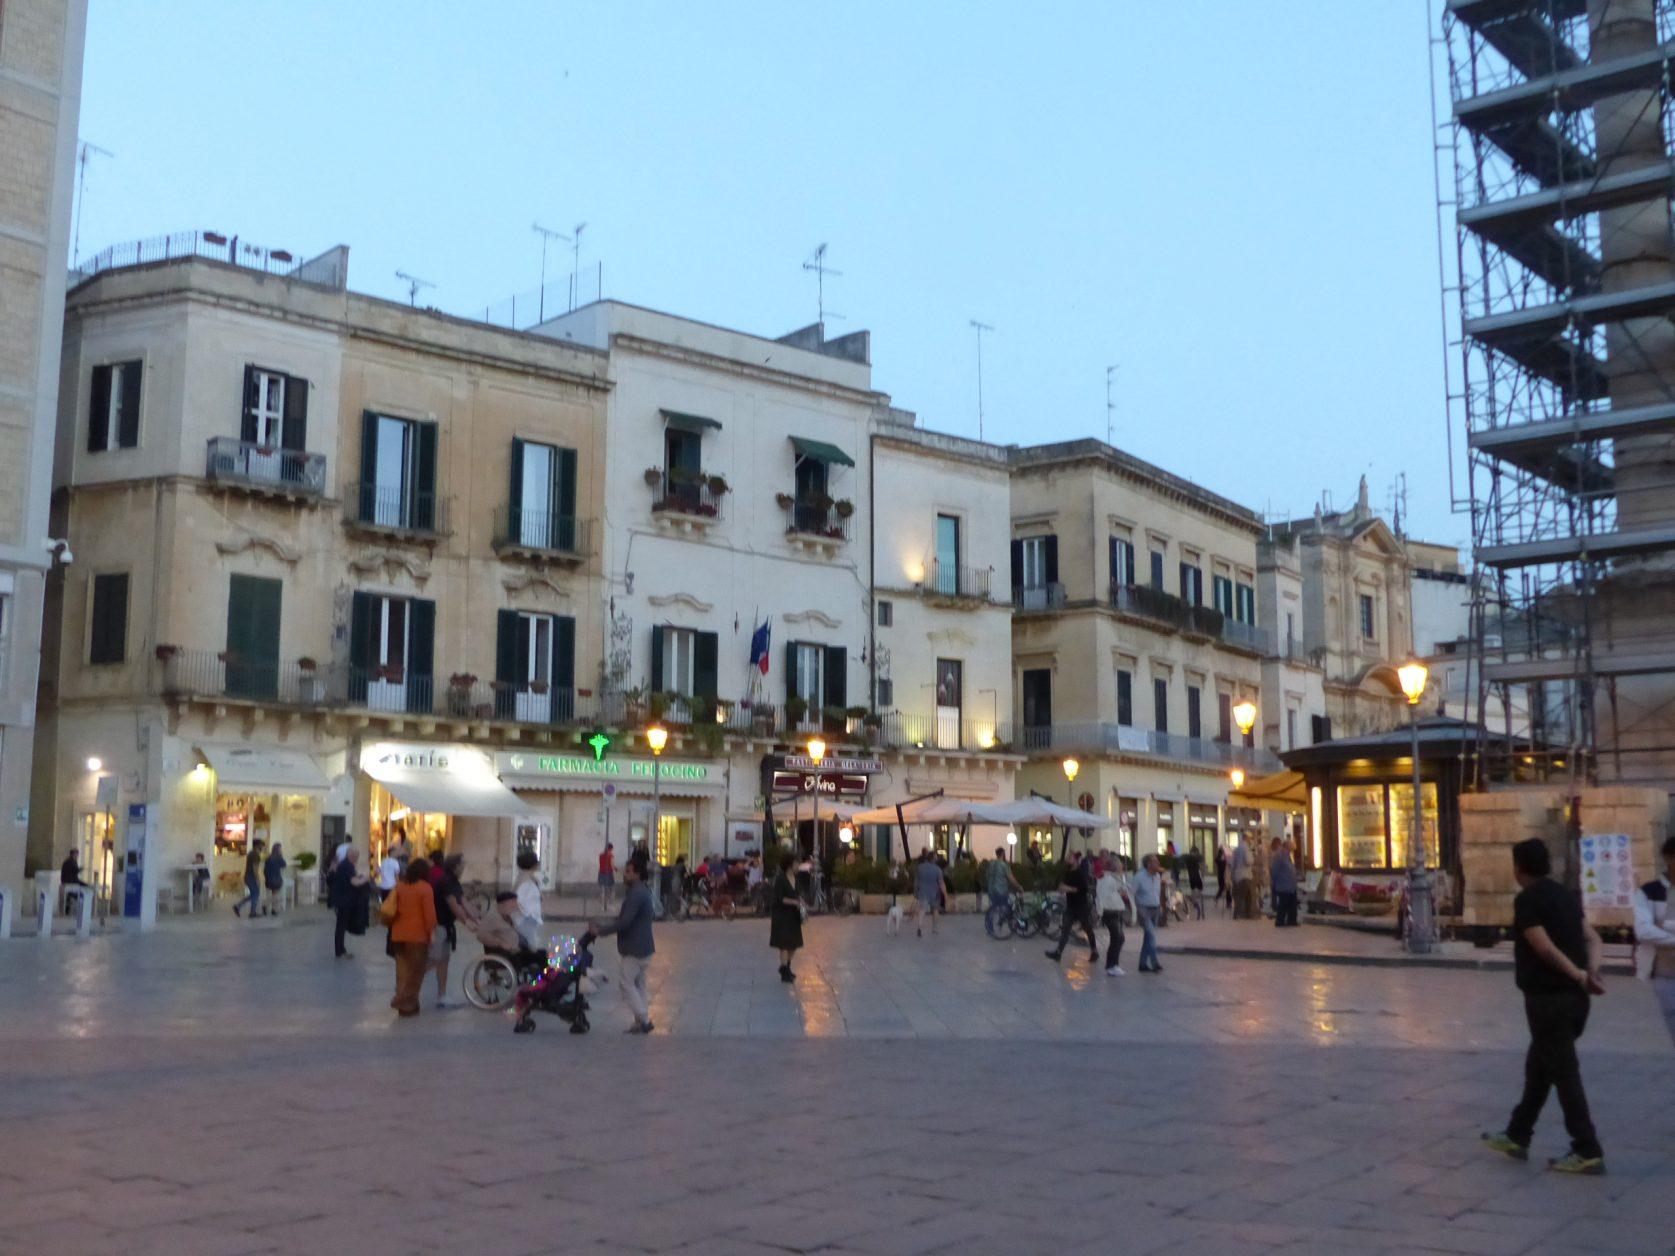 Geschäftiges Treiben in der Altstadt von Lecce Foto: K. Weirauch